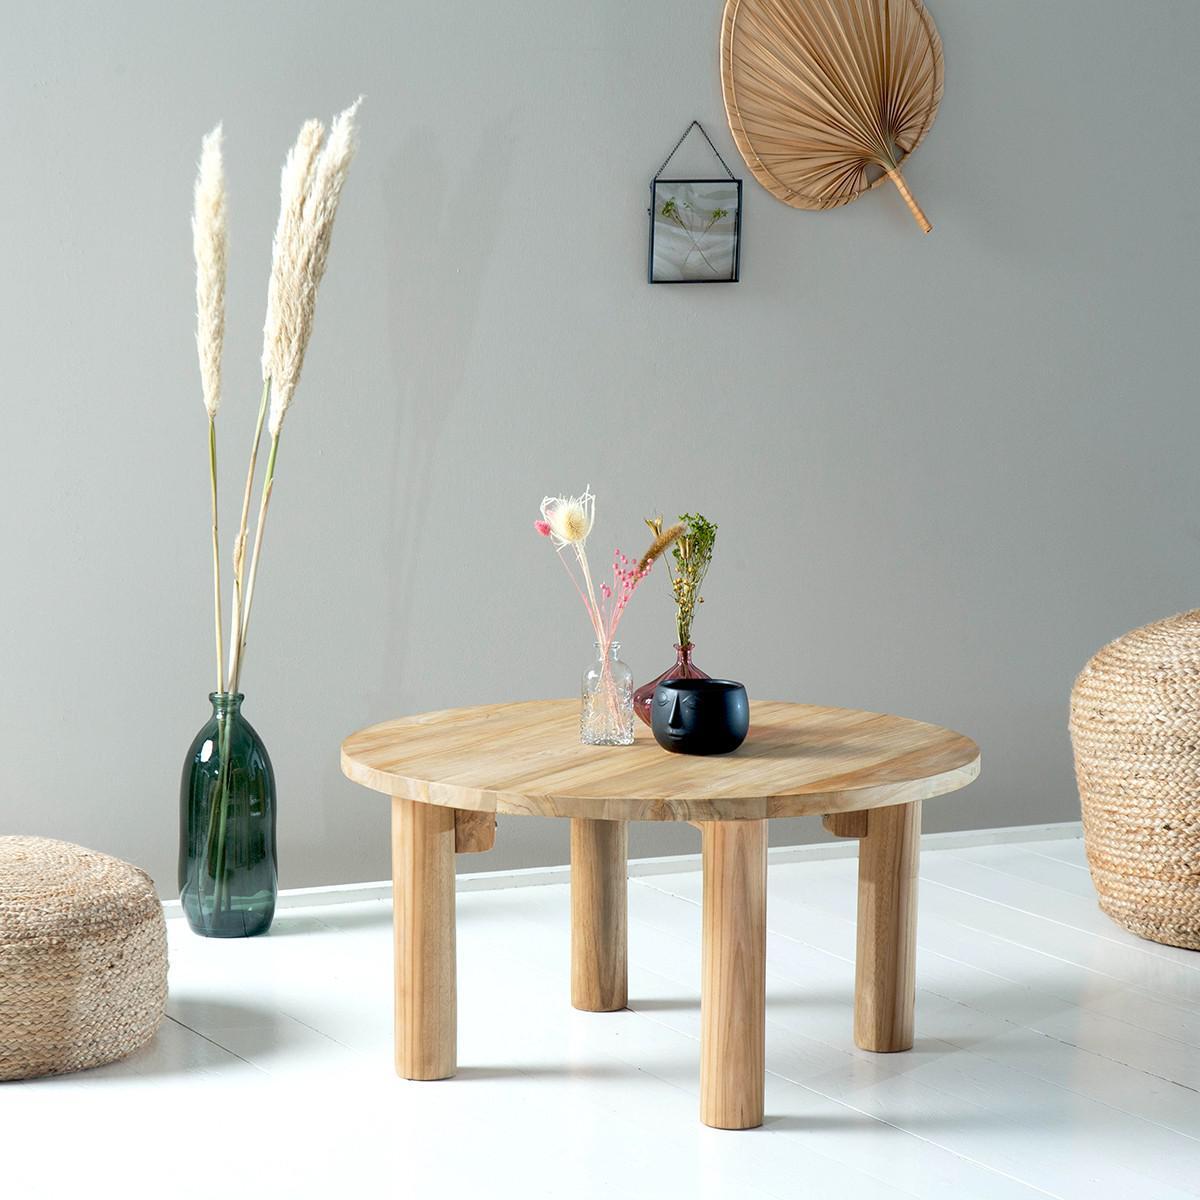 Bois Dessus Bois Dessous Table basse ronde en bois de teck 80 cm